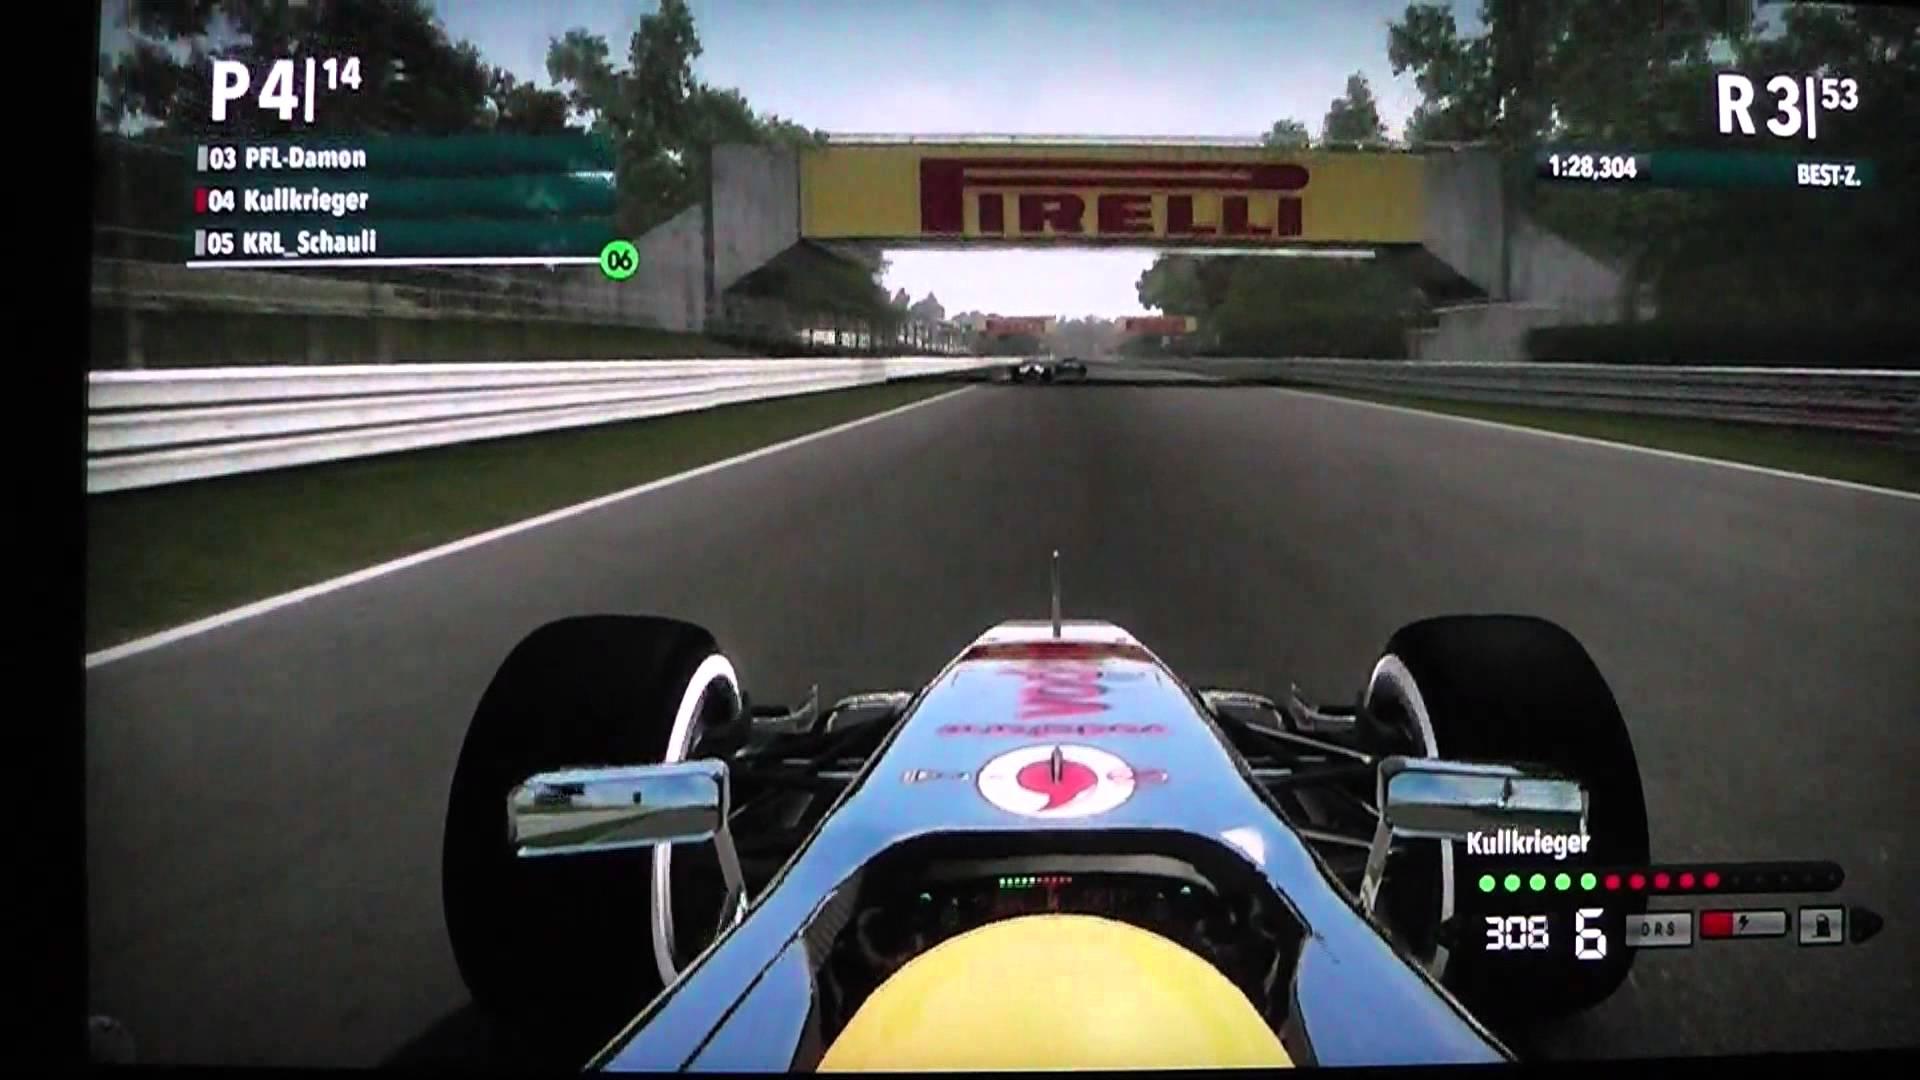 f12012 Monza von Platz 14 ins Rennen McLaren